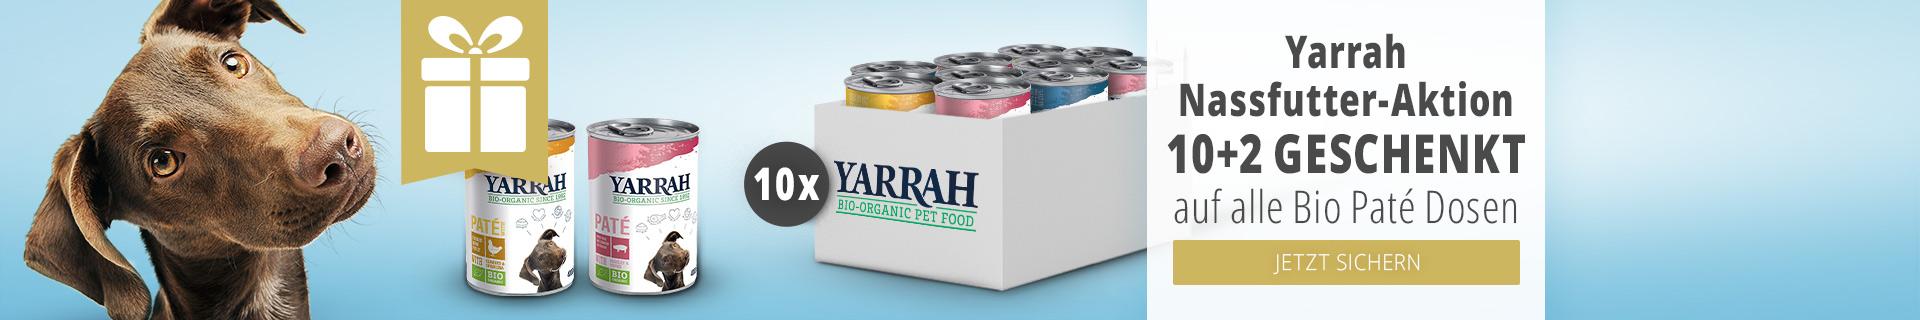 Yarrah Nassfutter Altion 10+2 geschenkt